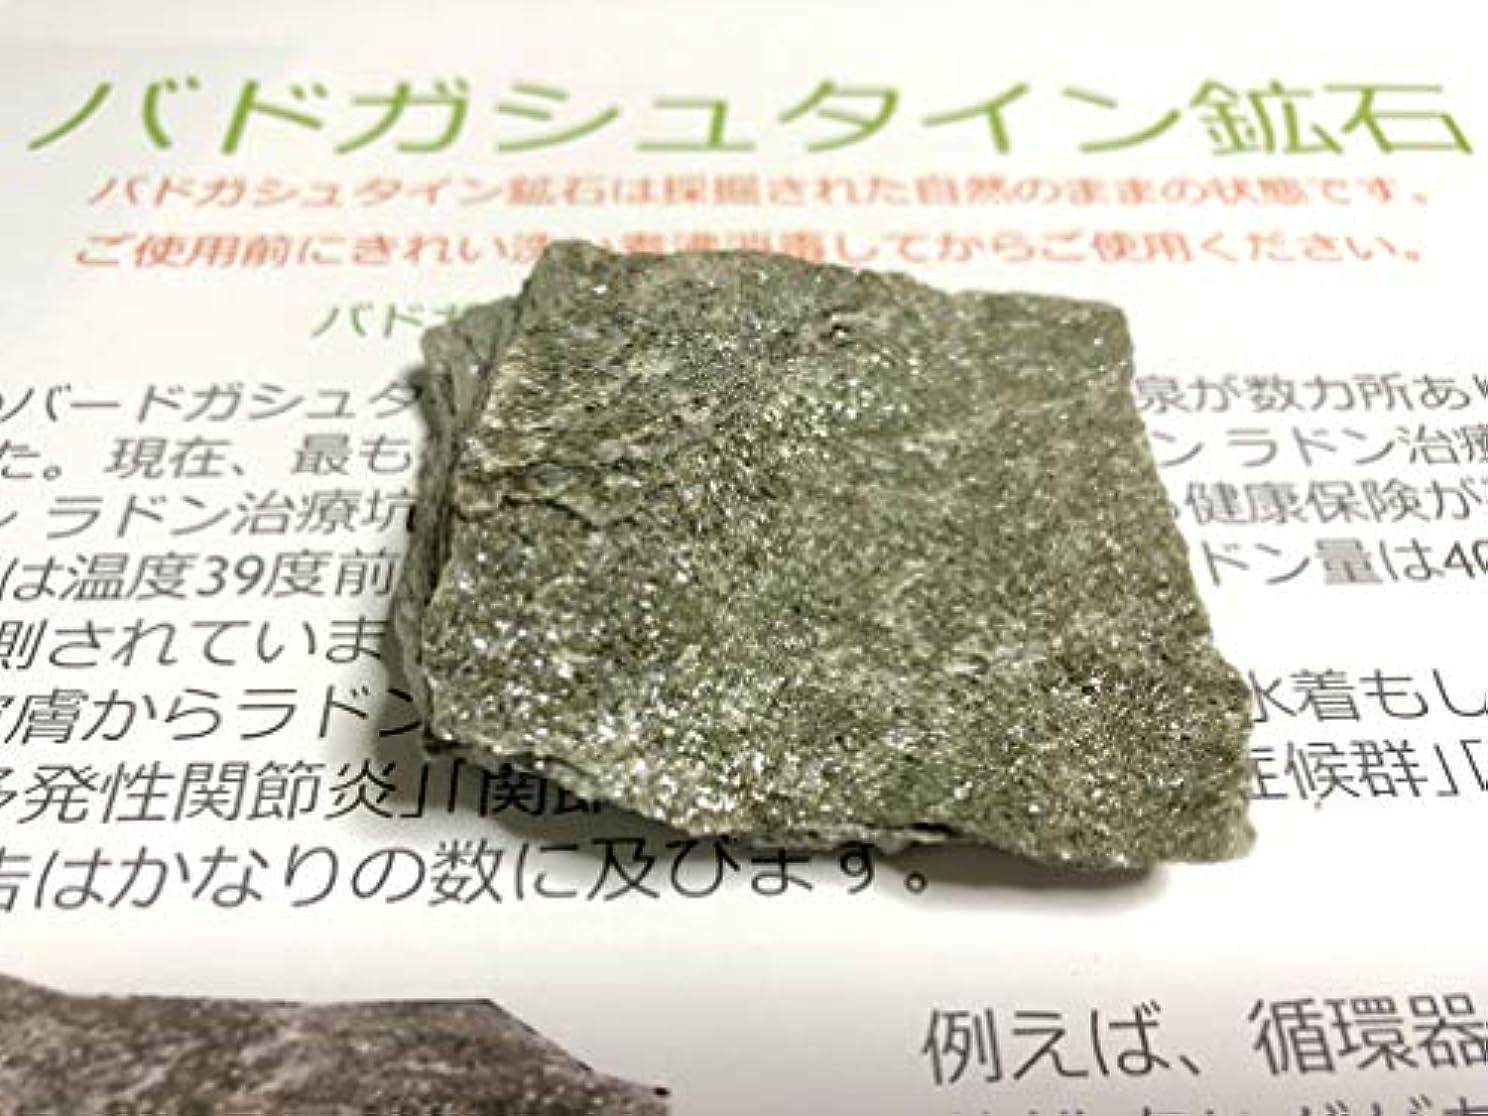 バドガシュタイン鉱石 クラス2 約0.4~1μSV/h未満 (約100g詰め)